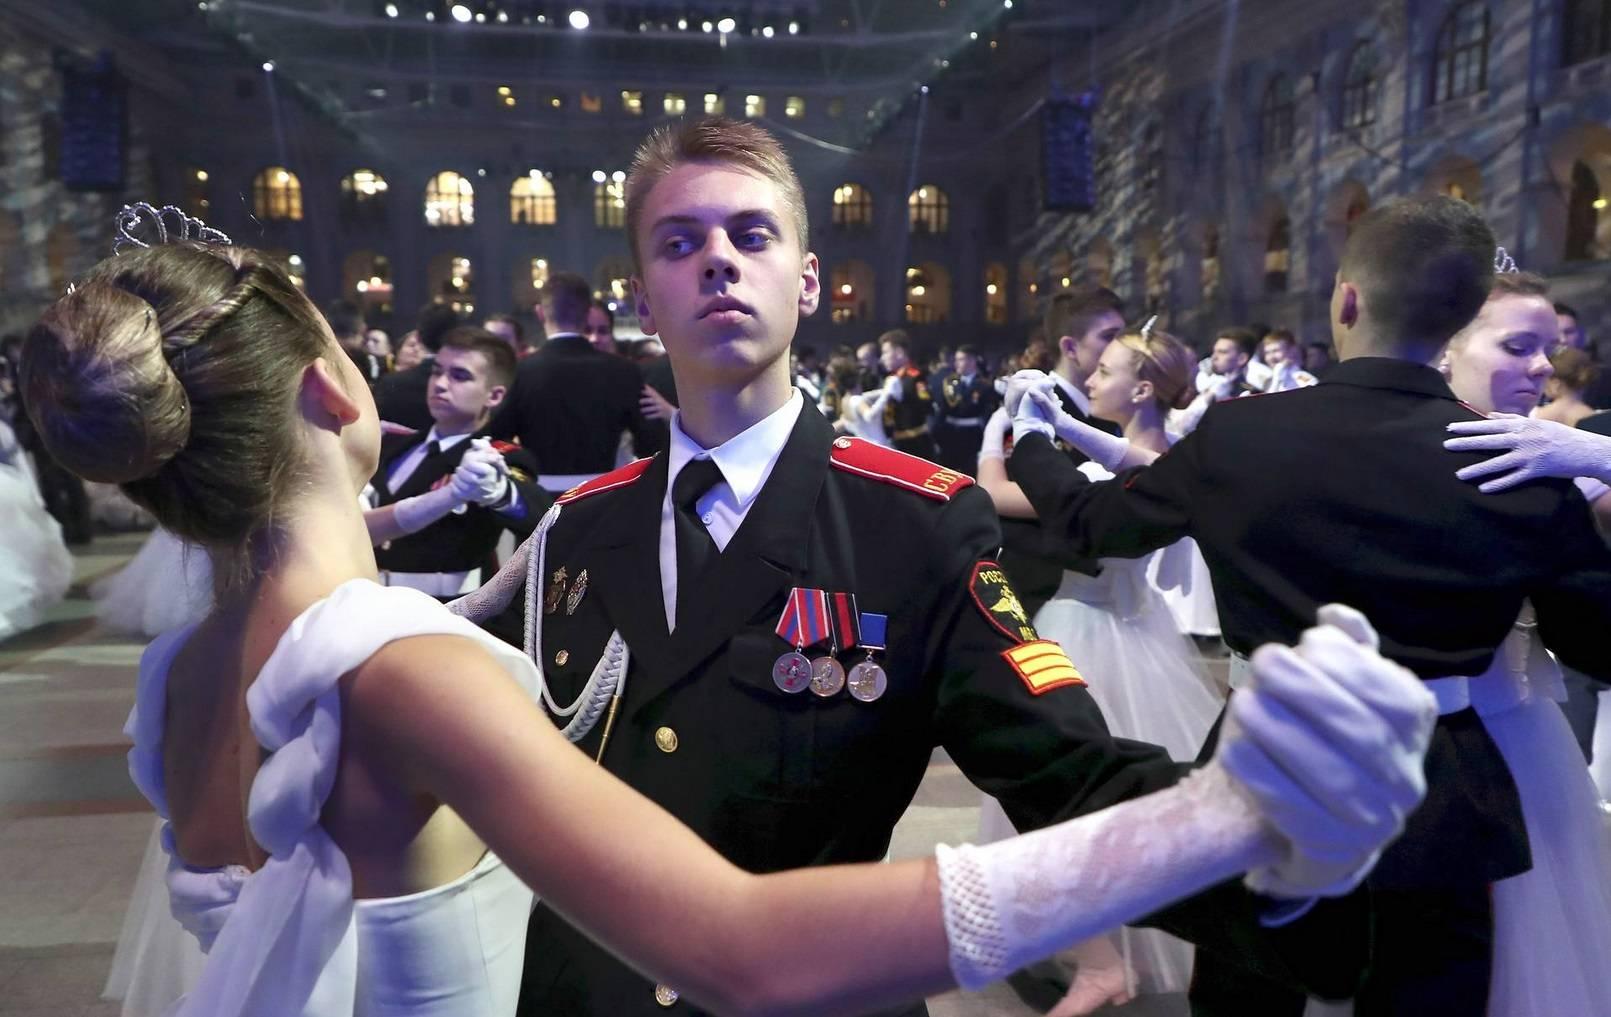 Фото: Антон Новодережкин/ТАСС.